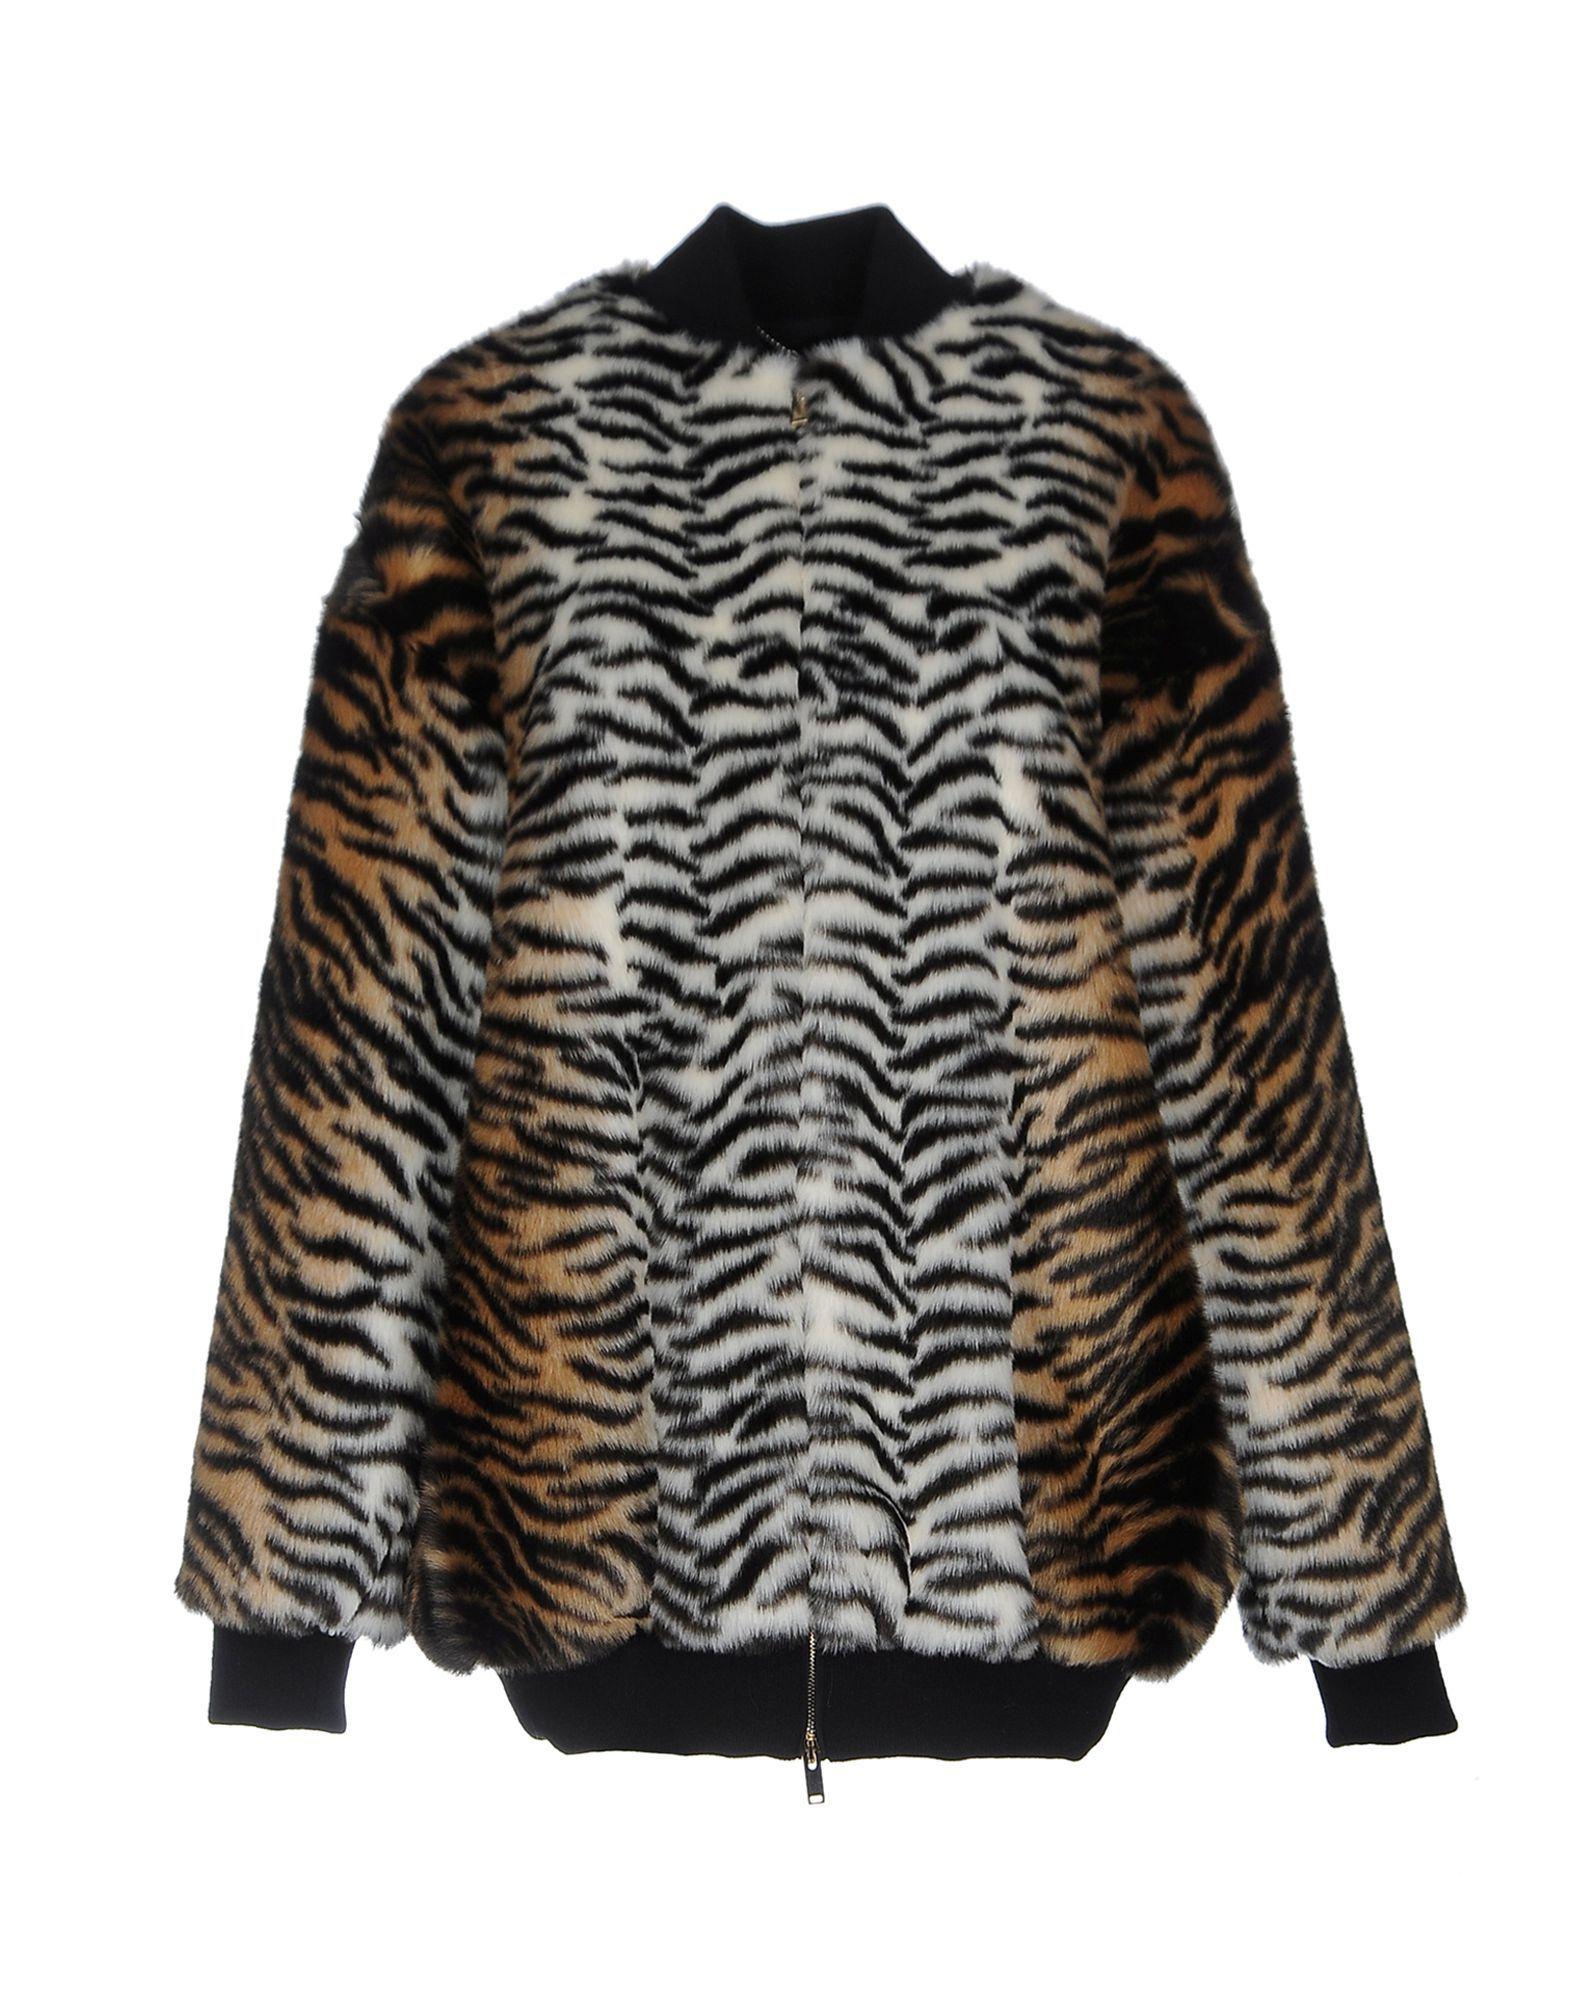 Stella McCartney Beige Faux Fur Jacket